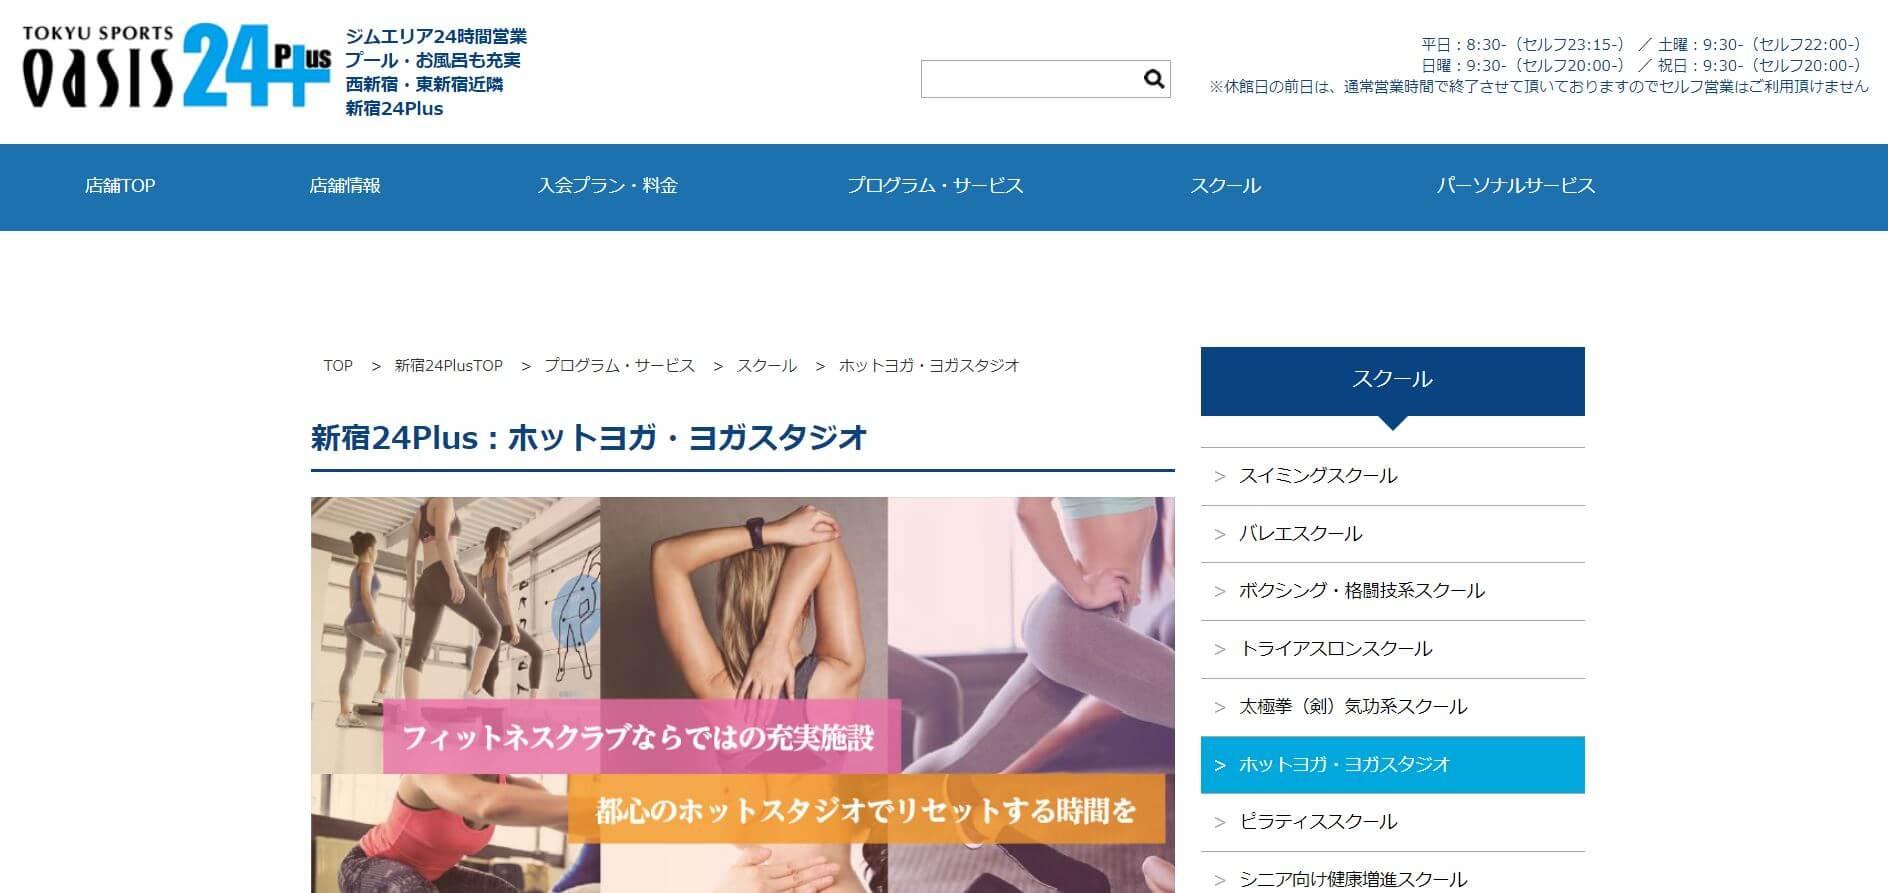 東急スポーツオアシス24plus